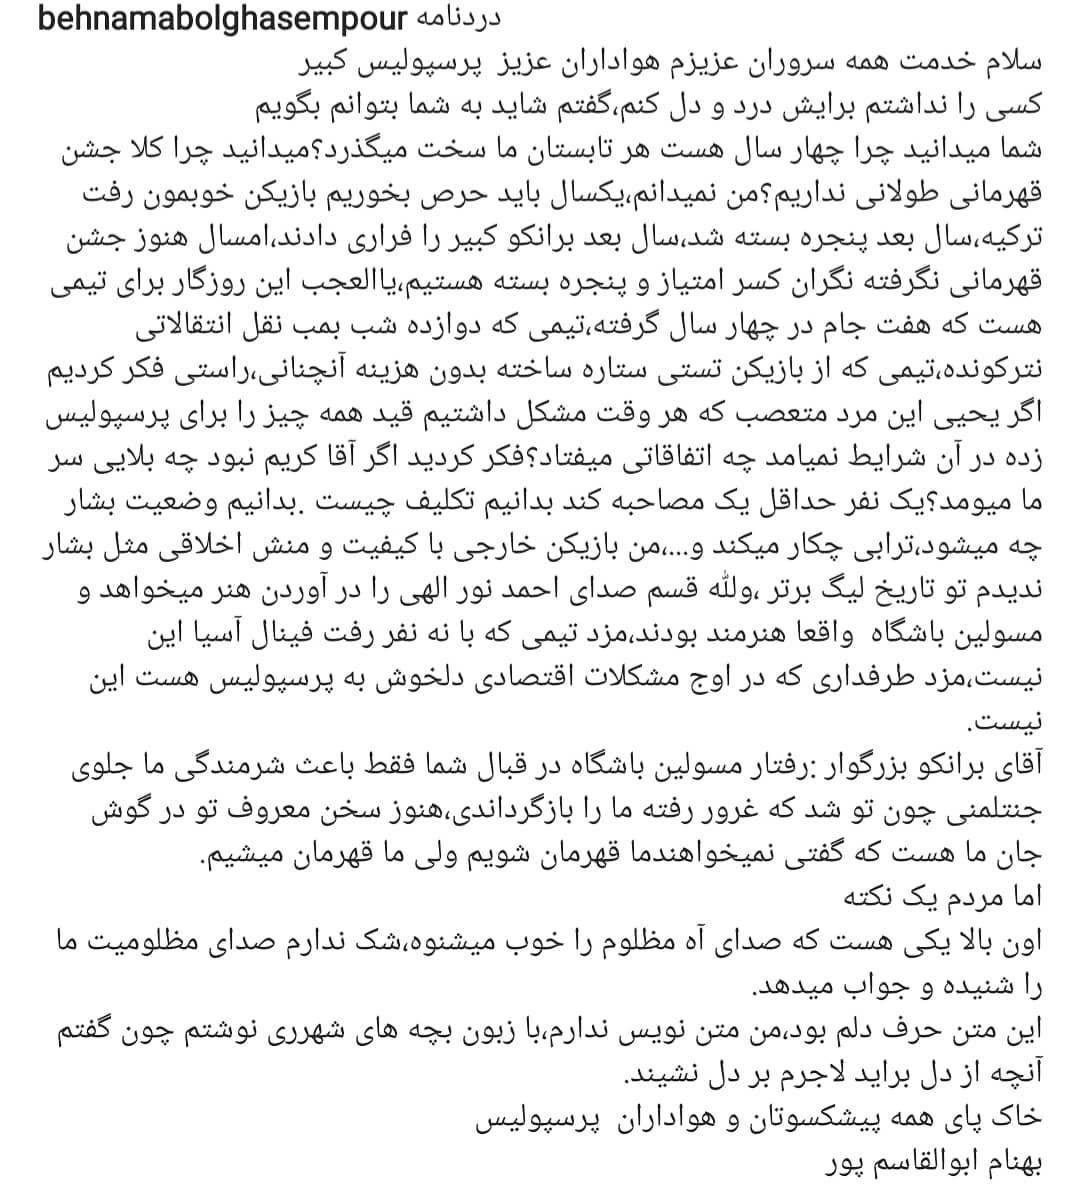 پست اینستاگرامی بهنام ابوالقاسم پور که اشک هواداران پرسپولیس را در آورد